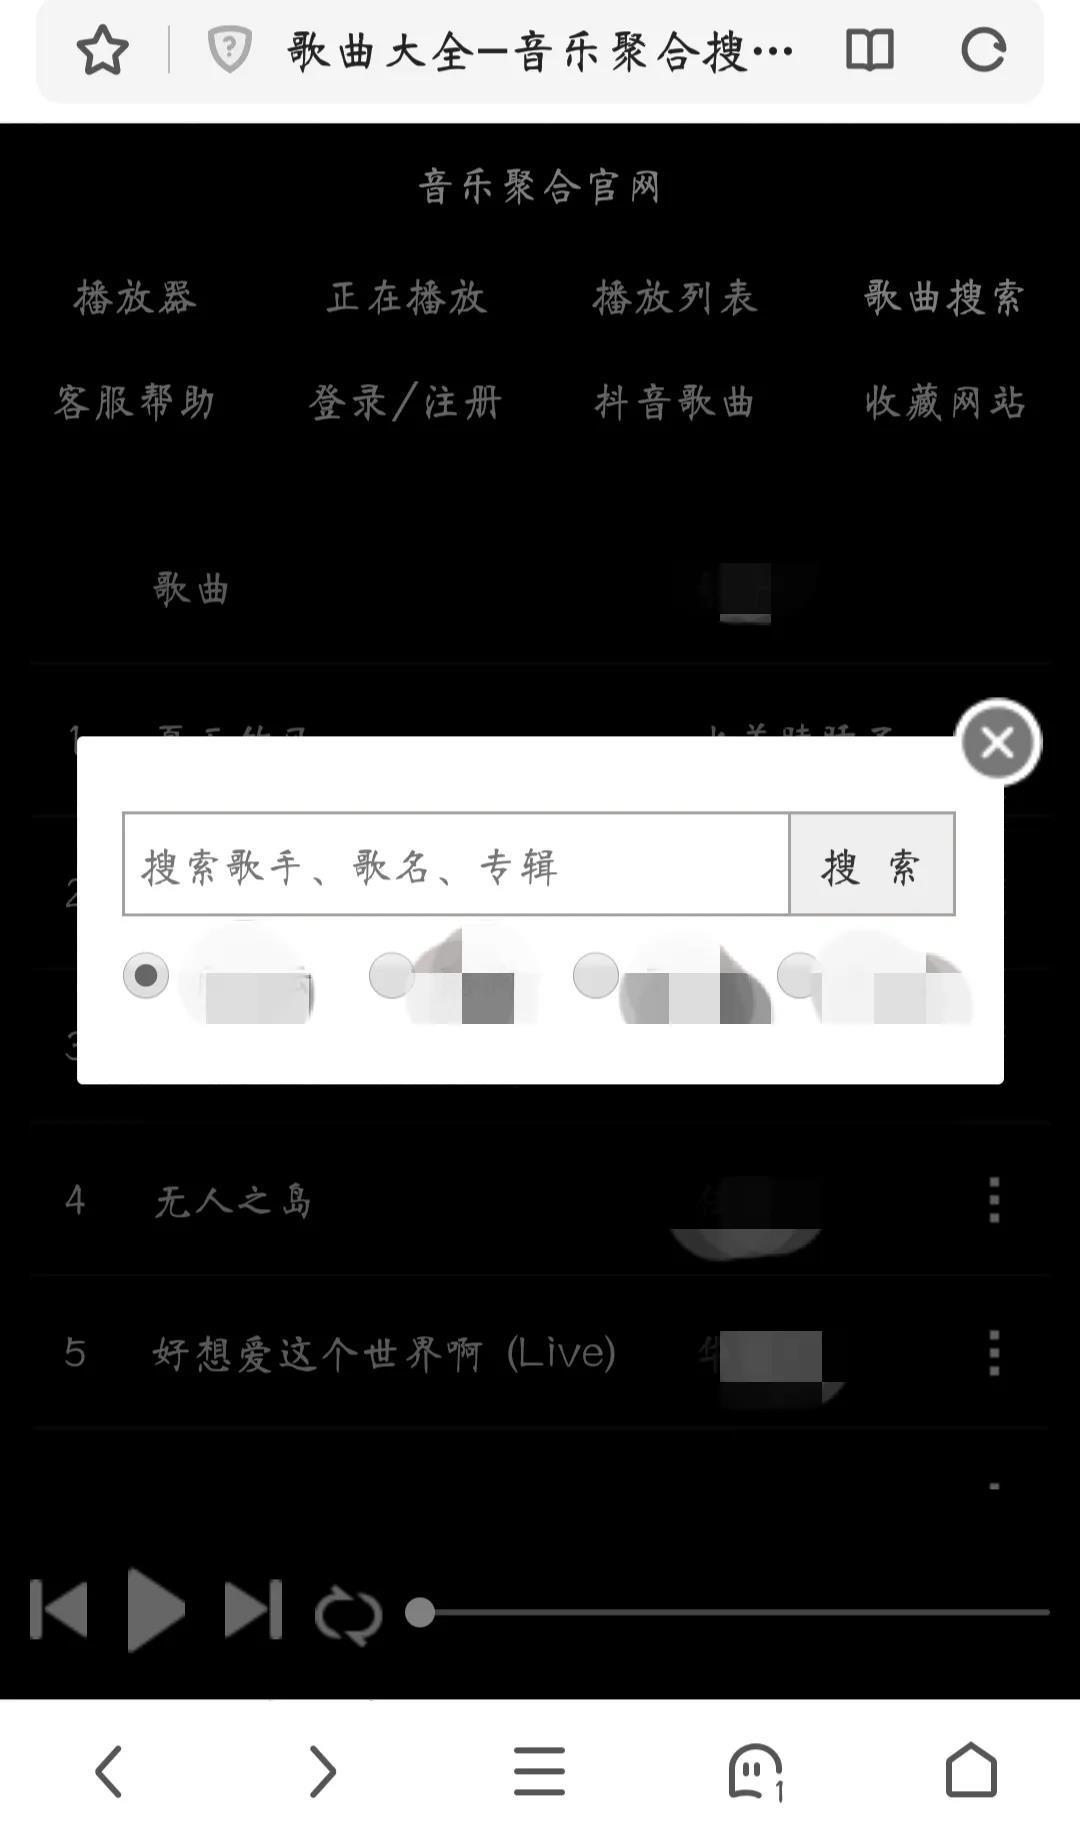 5eed807014195aa59439b07d 音乐聚合网站